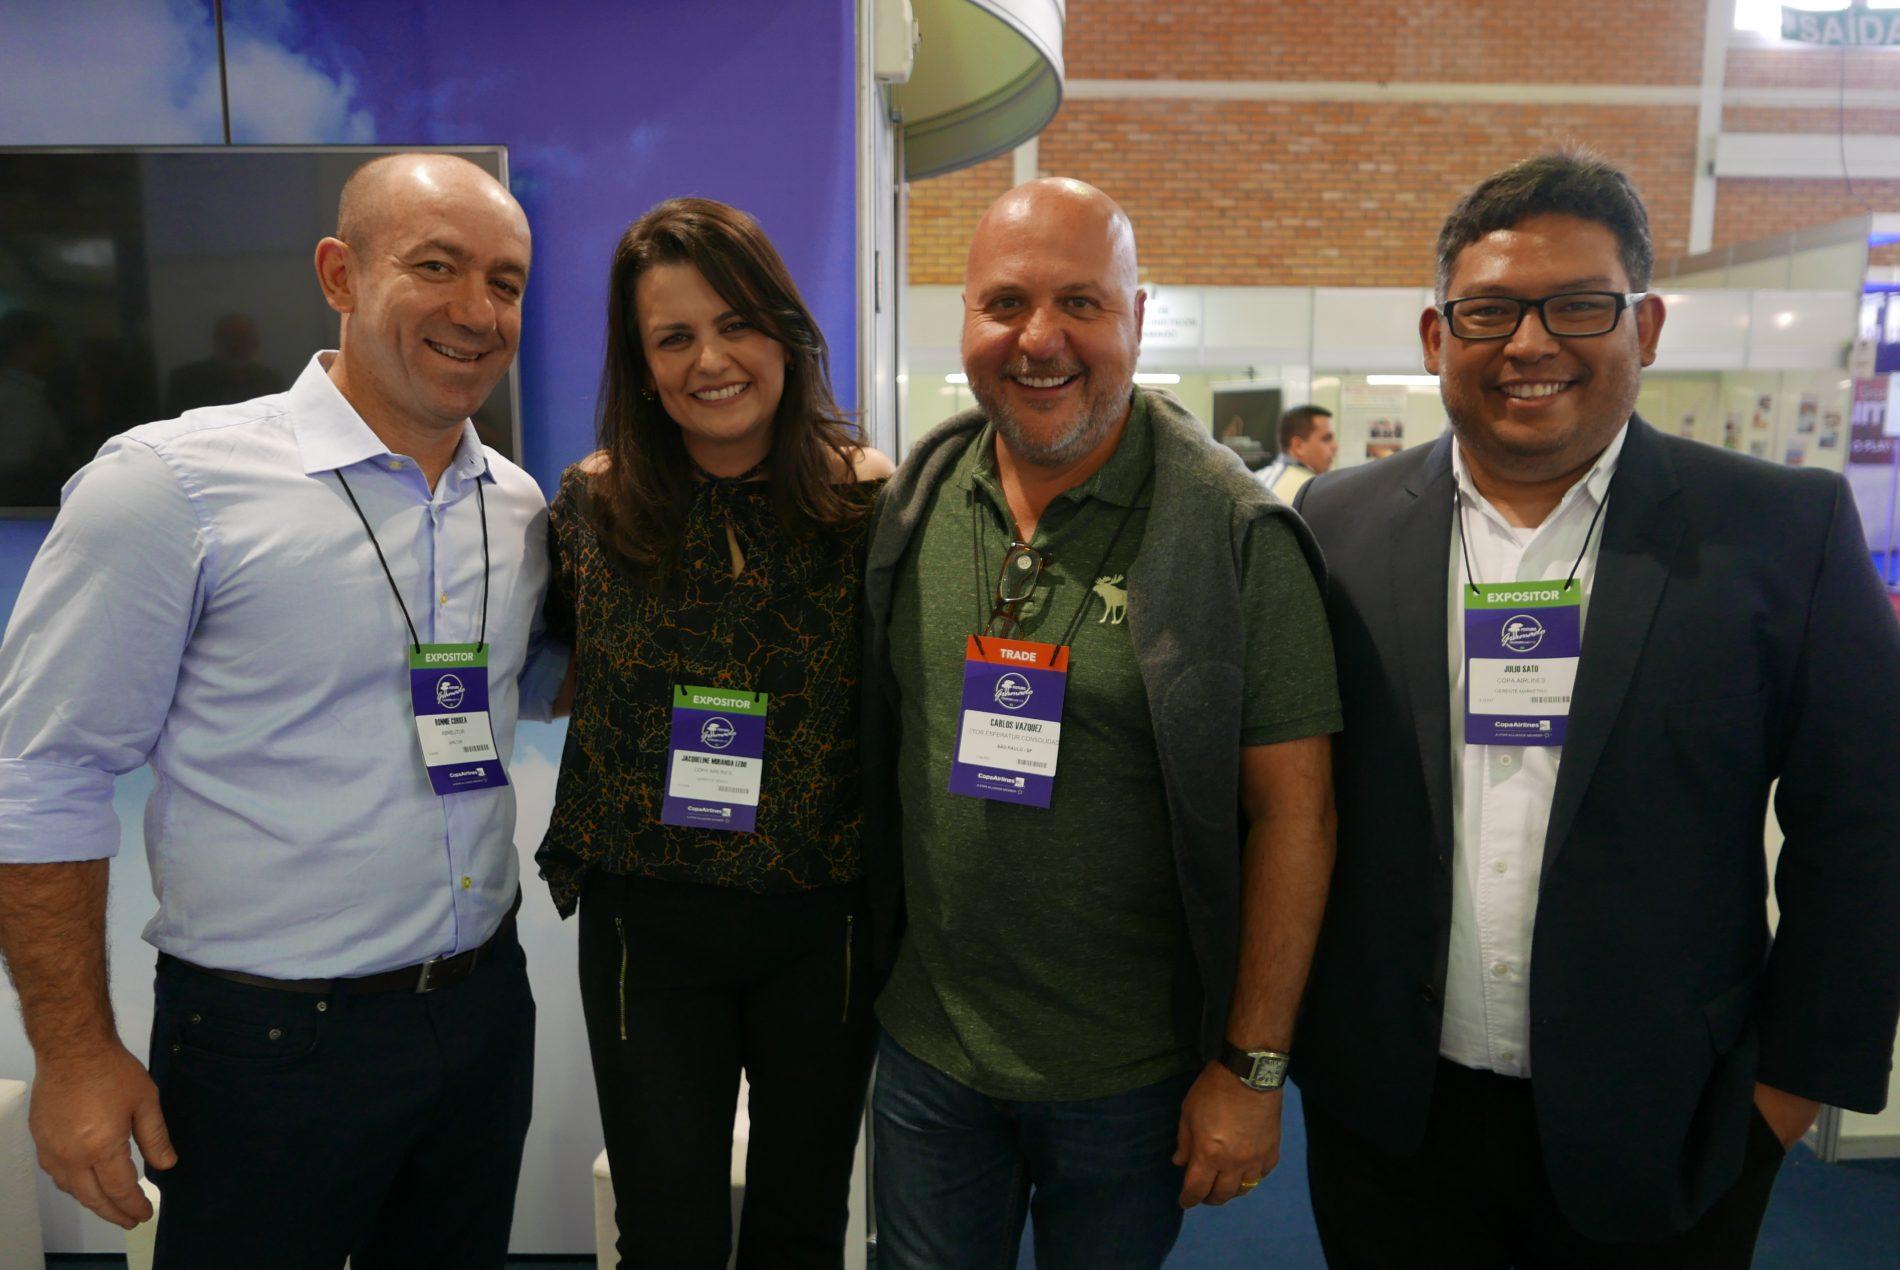 Ronnie Correa, da Abreu, Jackie Ledo, da Copa Airlines, Carlos Vasquez, da Esferatur e Julio Sato, da Copa Airlines